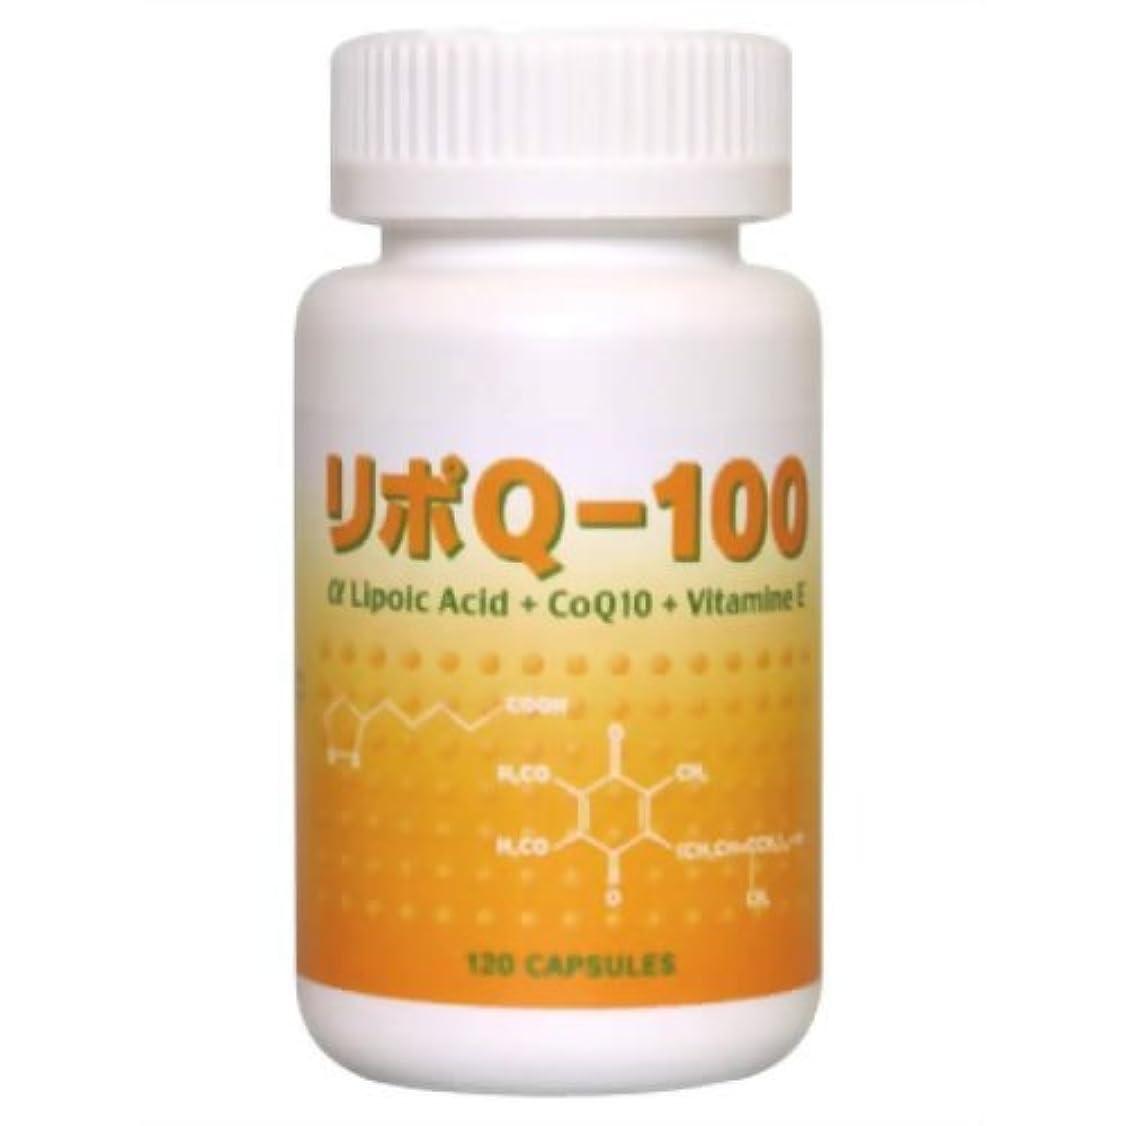 定規誇張するメンテナンスリポQ-100 120カプセル(アルファリポ酸/αリポ酸配合)